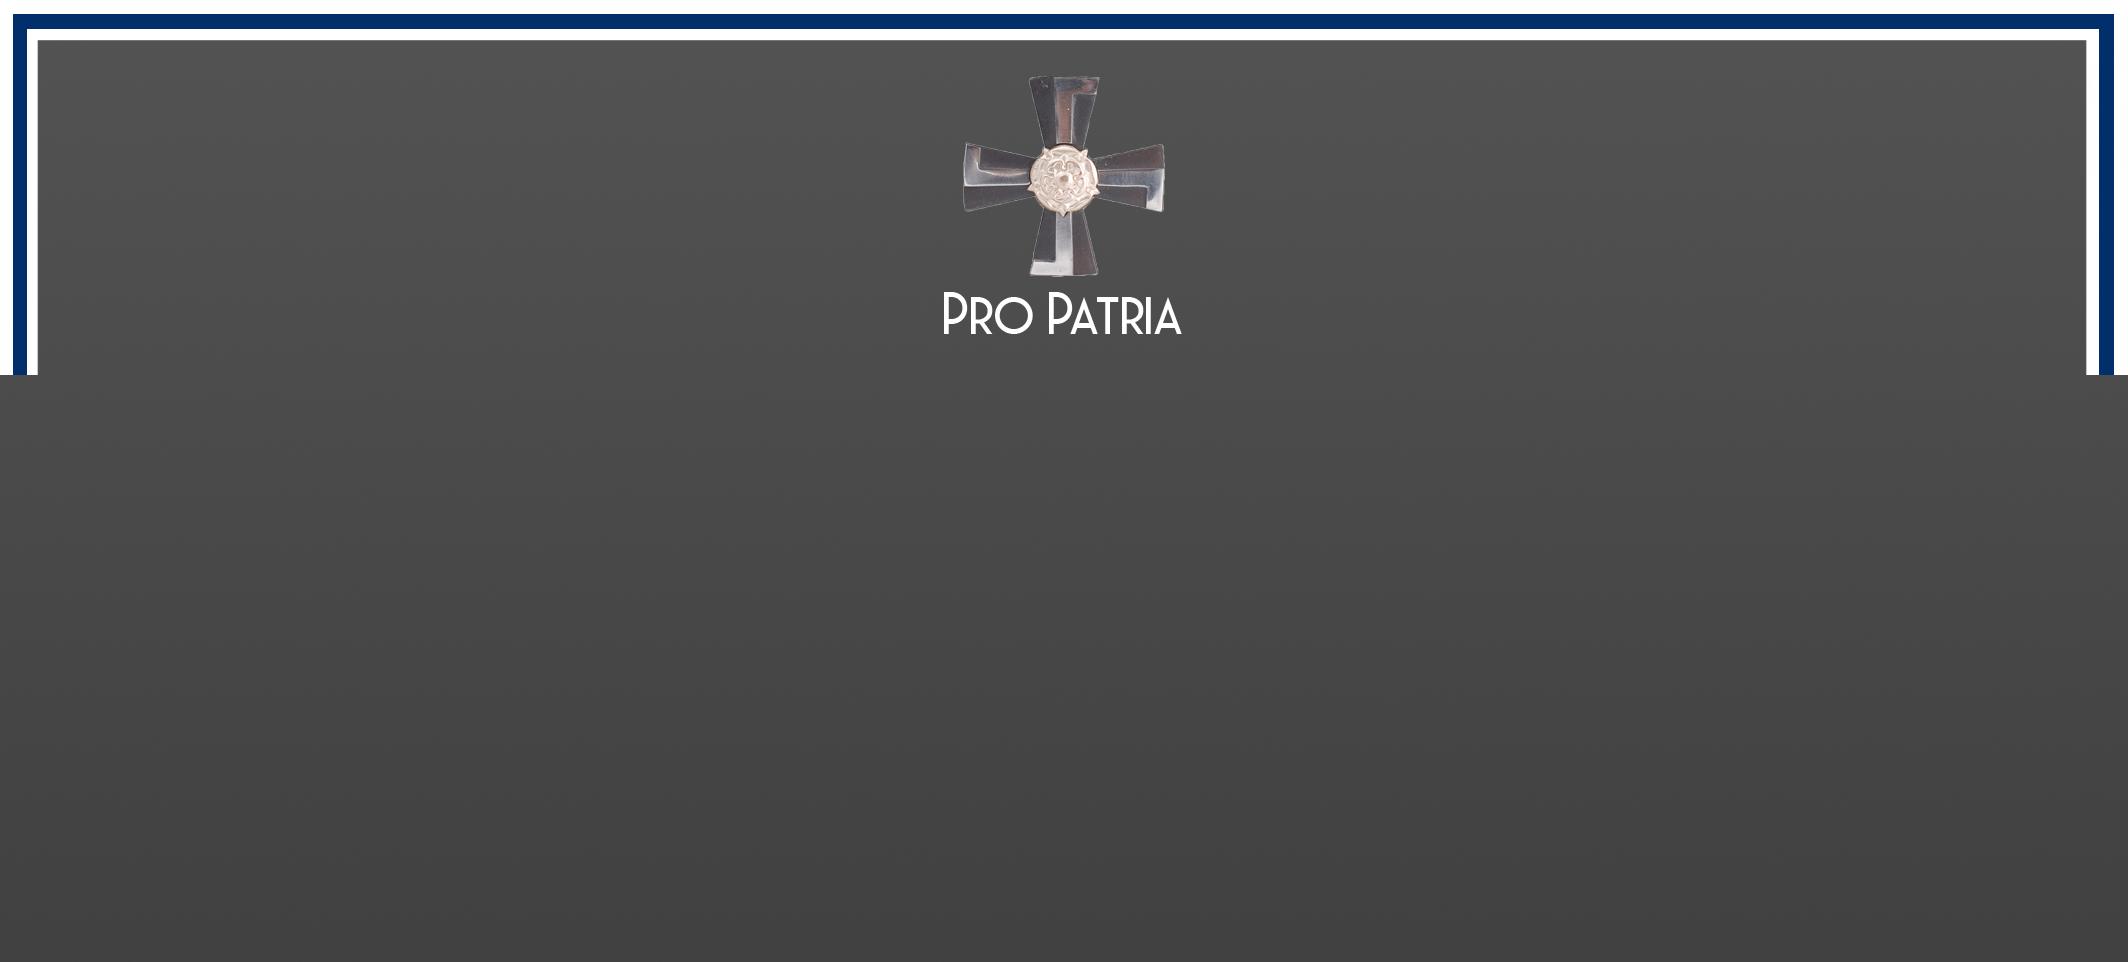 Pro Patria – Mikko Kuitunen